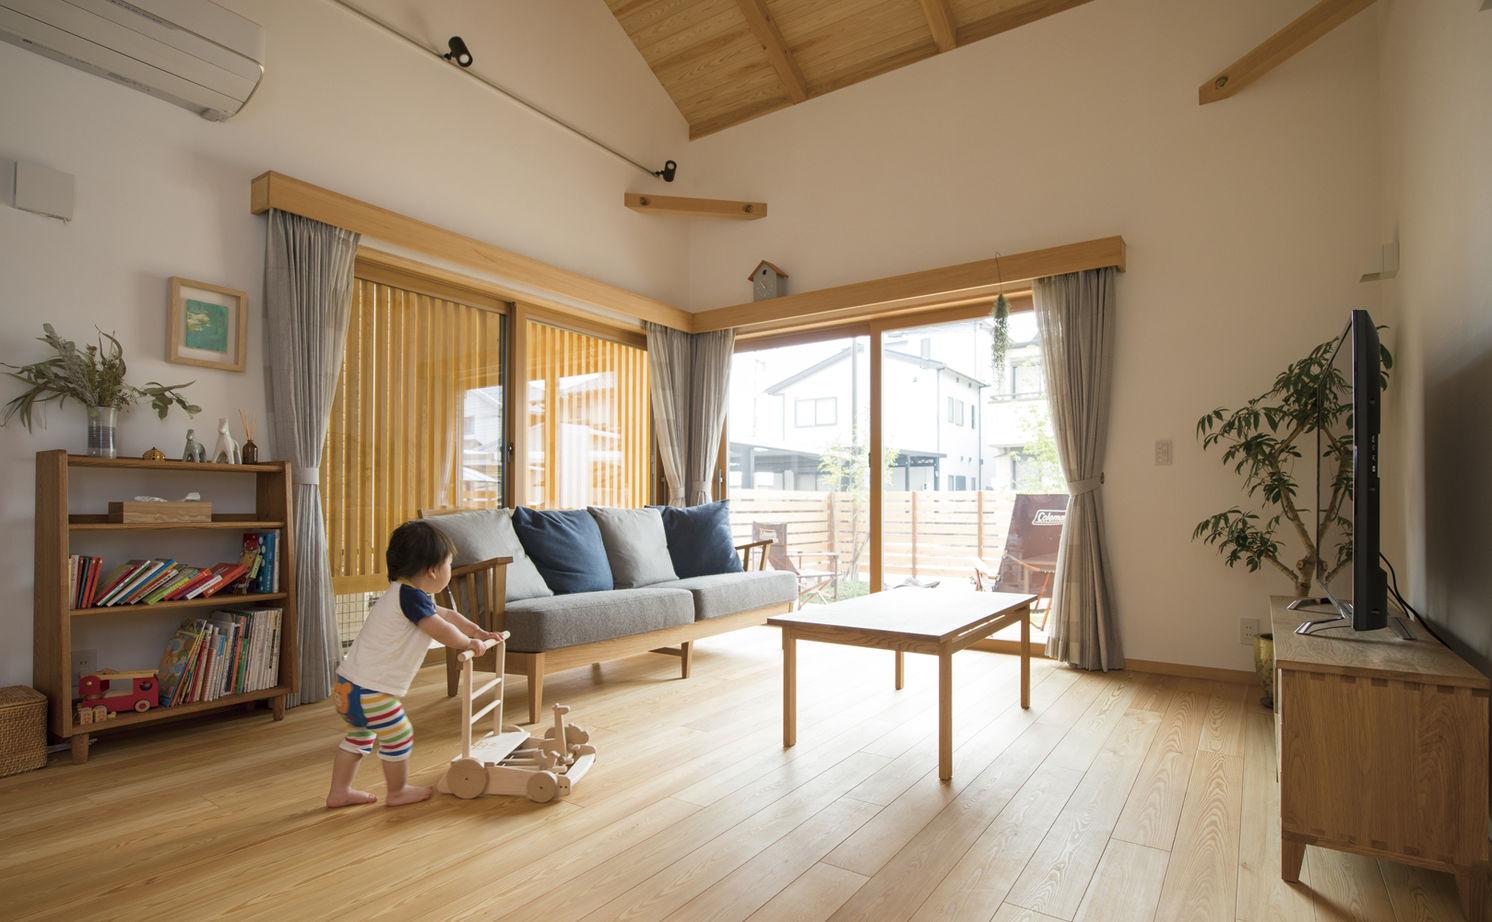 天然木の素材感を活かしたシンプルなインテリア。子育て、家事ラクも叶えた和モダンな平屋風の家画像3